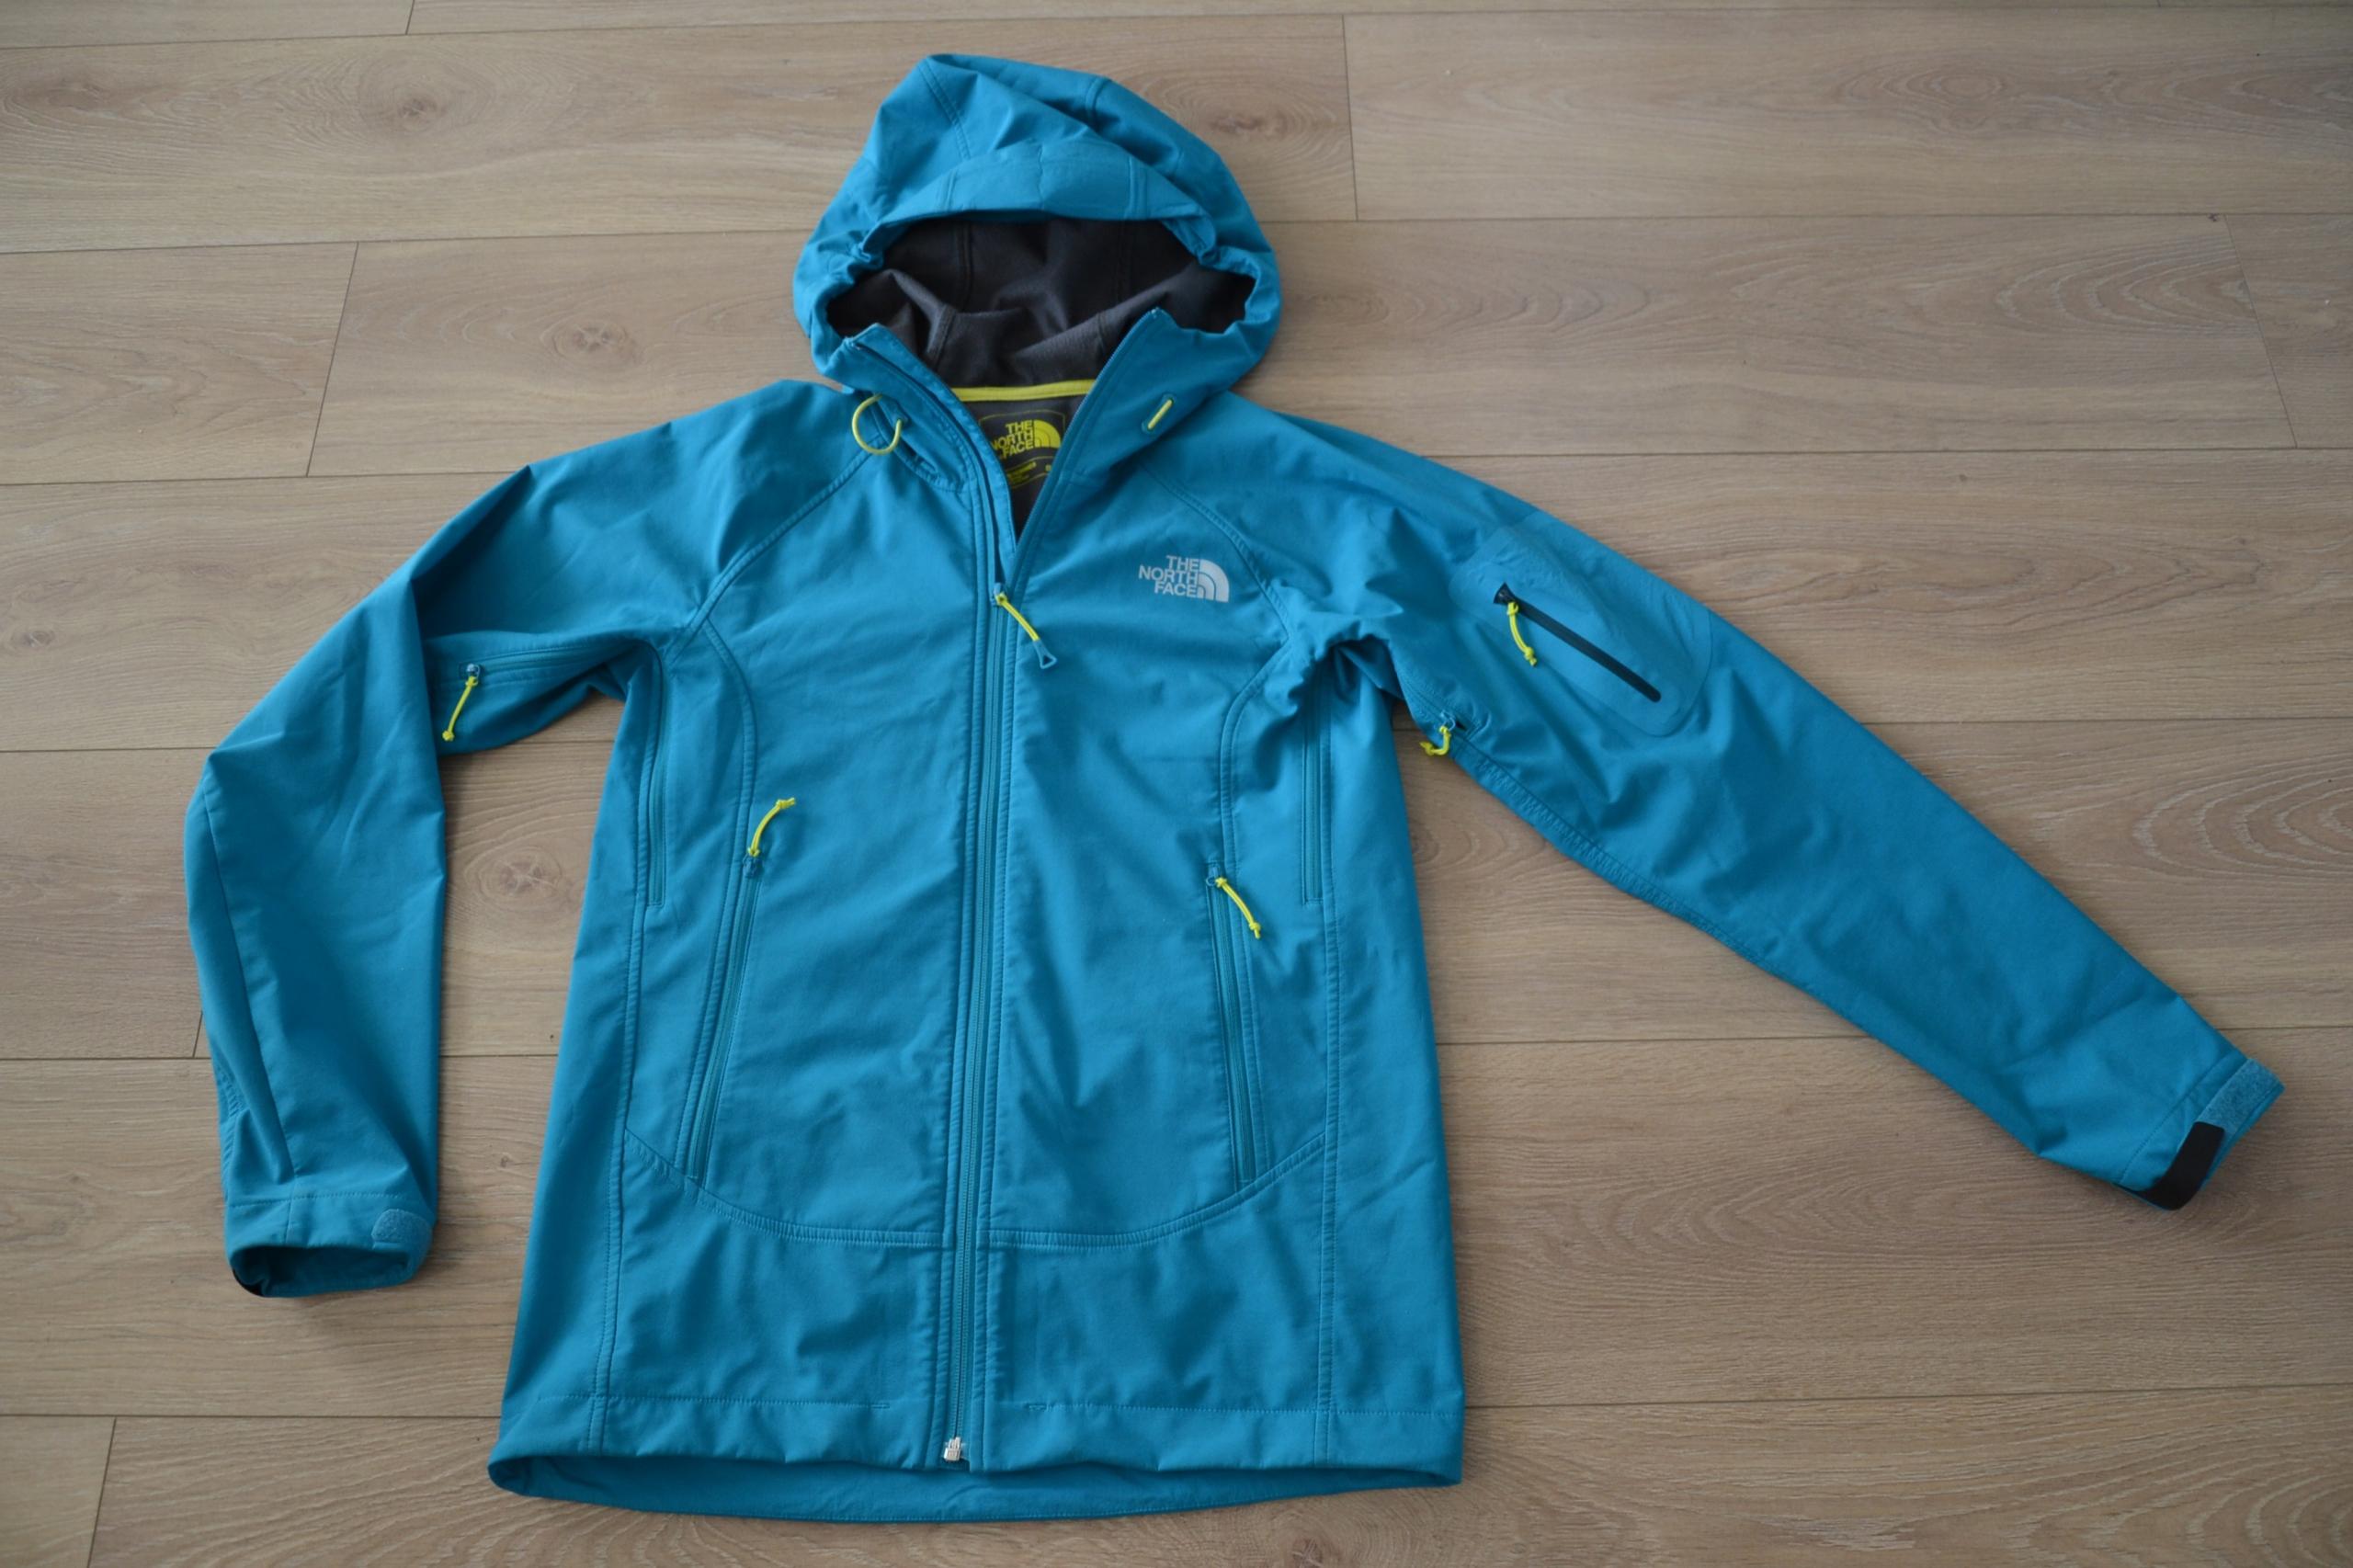 100% autentyczny wyprzedaż w sprzedaży kupić Kurtka The North Face Valkyrie Jacket OKAZJA !!!